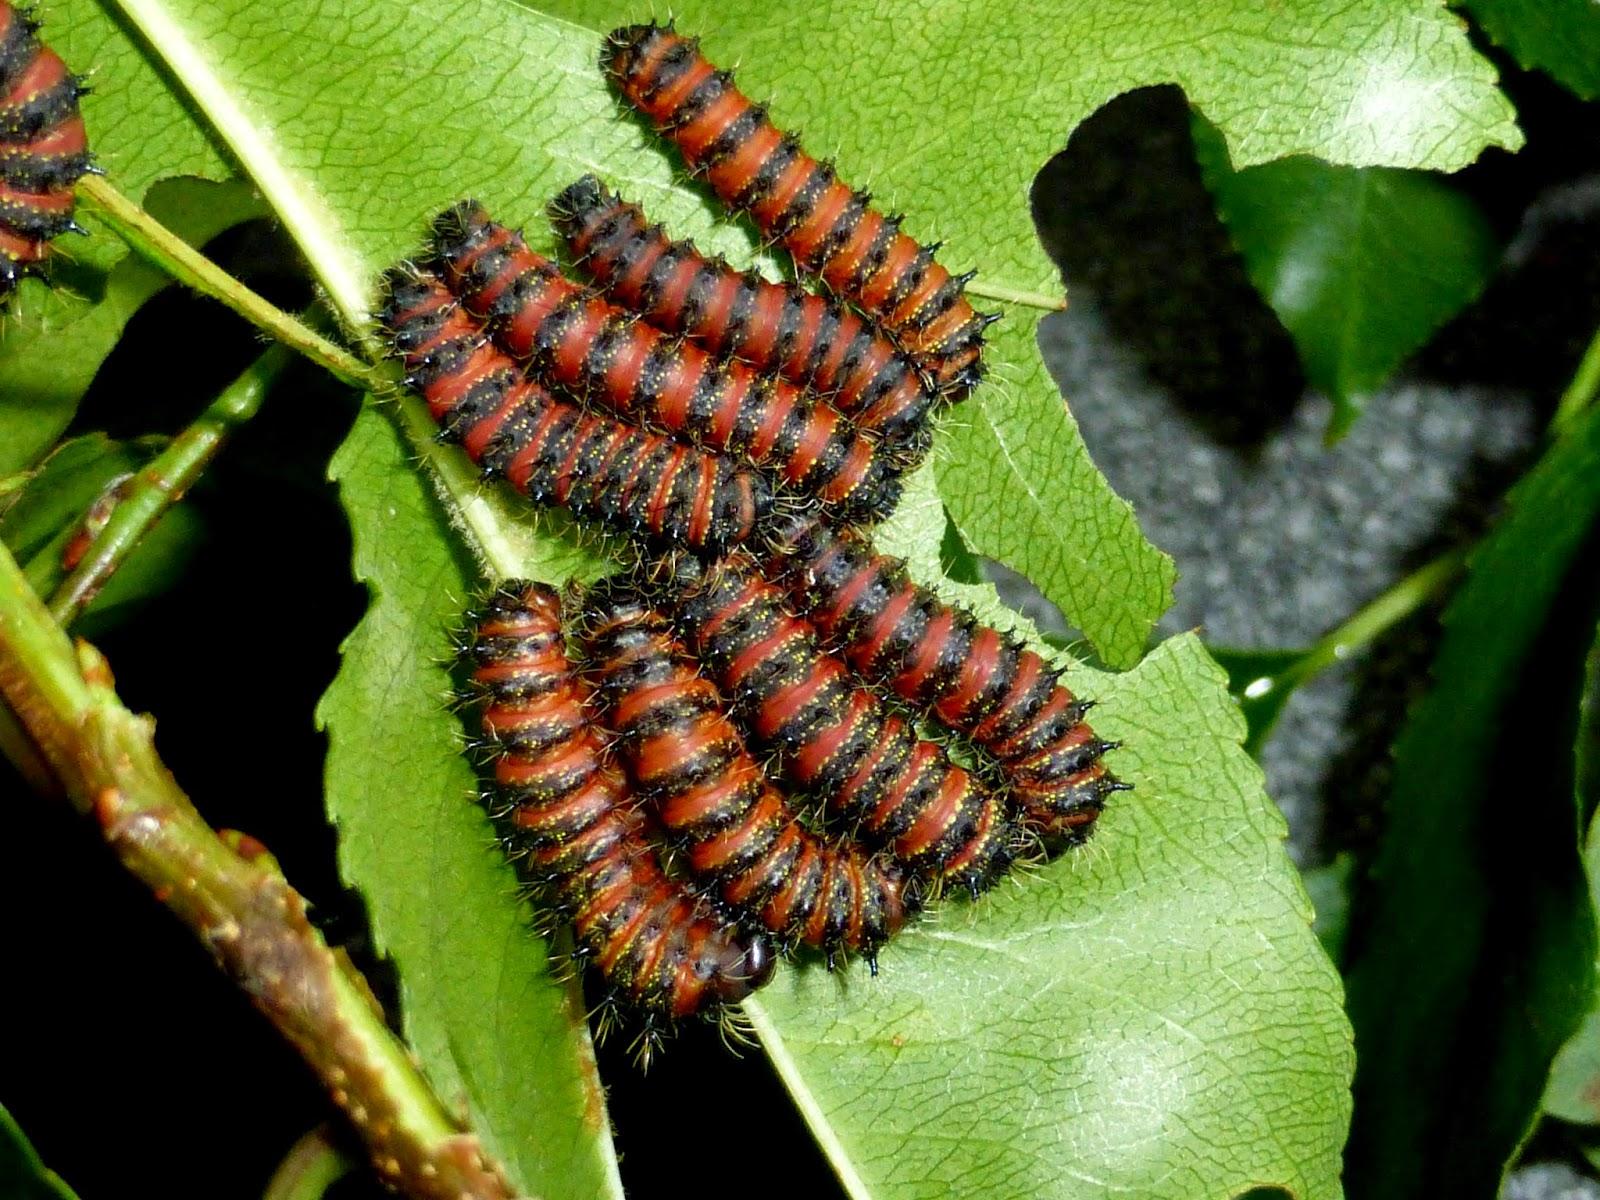 Nudaurelia Gonimbrasia krucki caterpillar